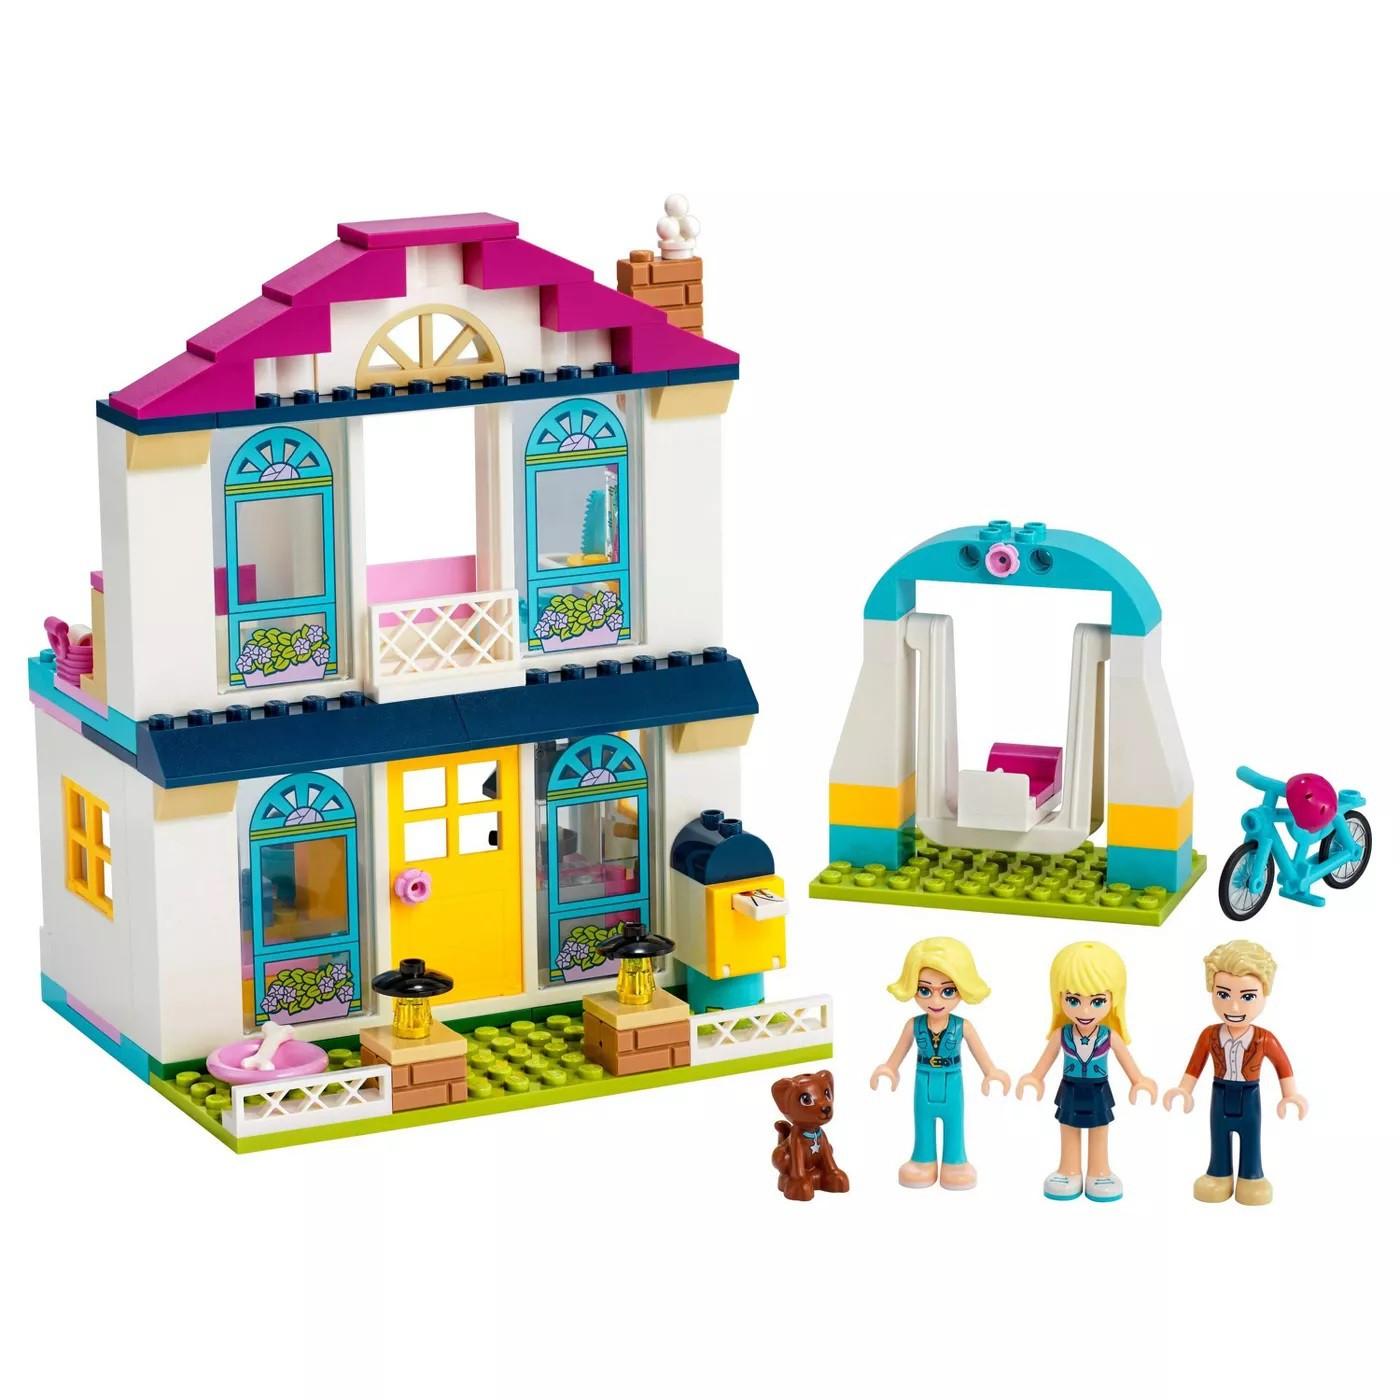 LEGO FRIENDS A CASA DE STEPHANIE 41398 LEGO